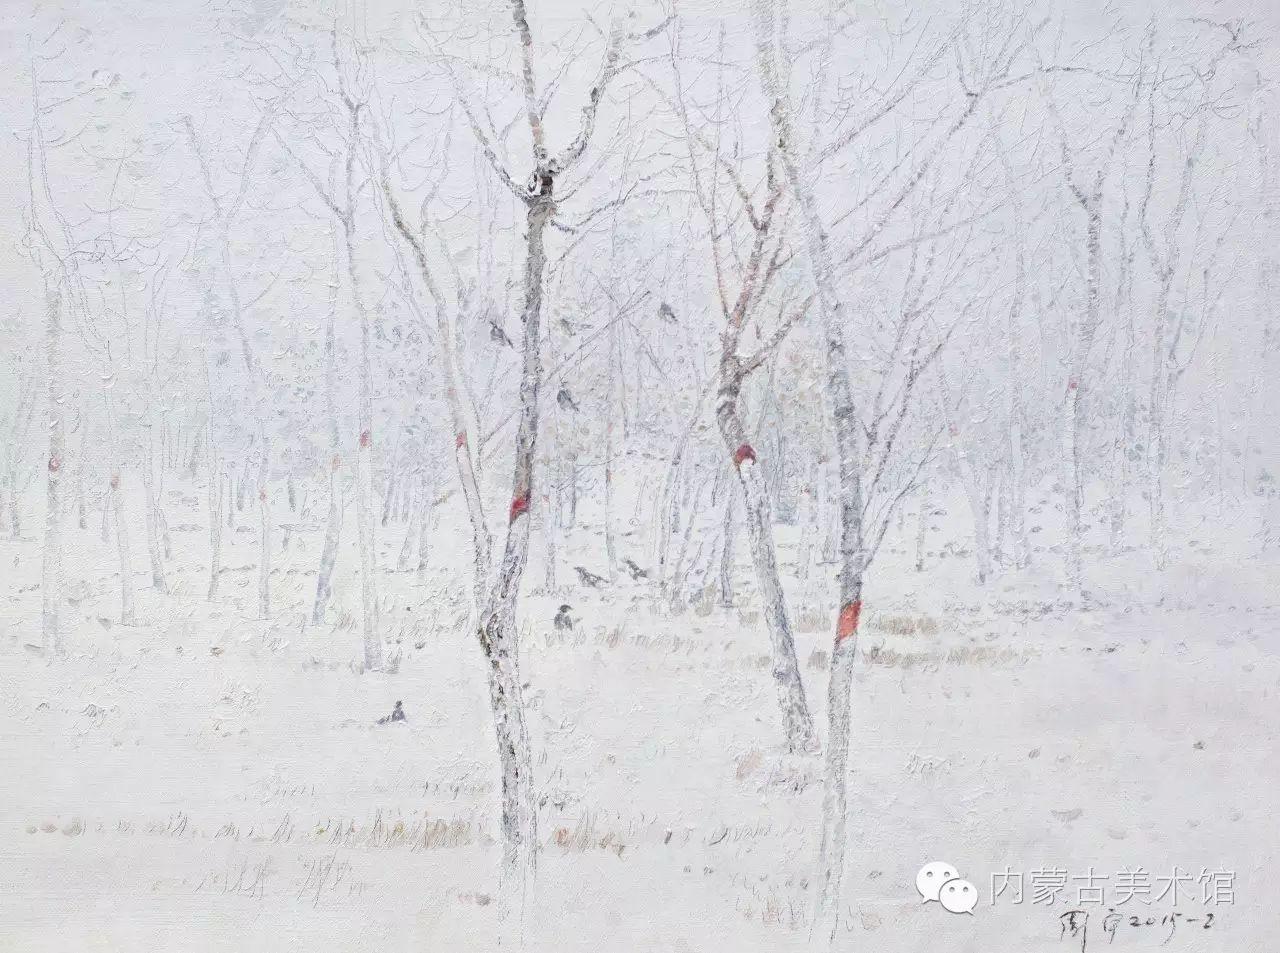 2016内蒙古草原油画院第二届写生油画展 第5张 2016内蒙古草原油画院第二届写生油画展 蒙古画廊